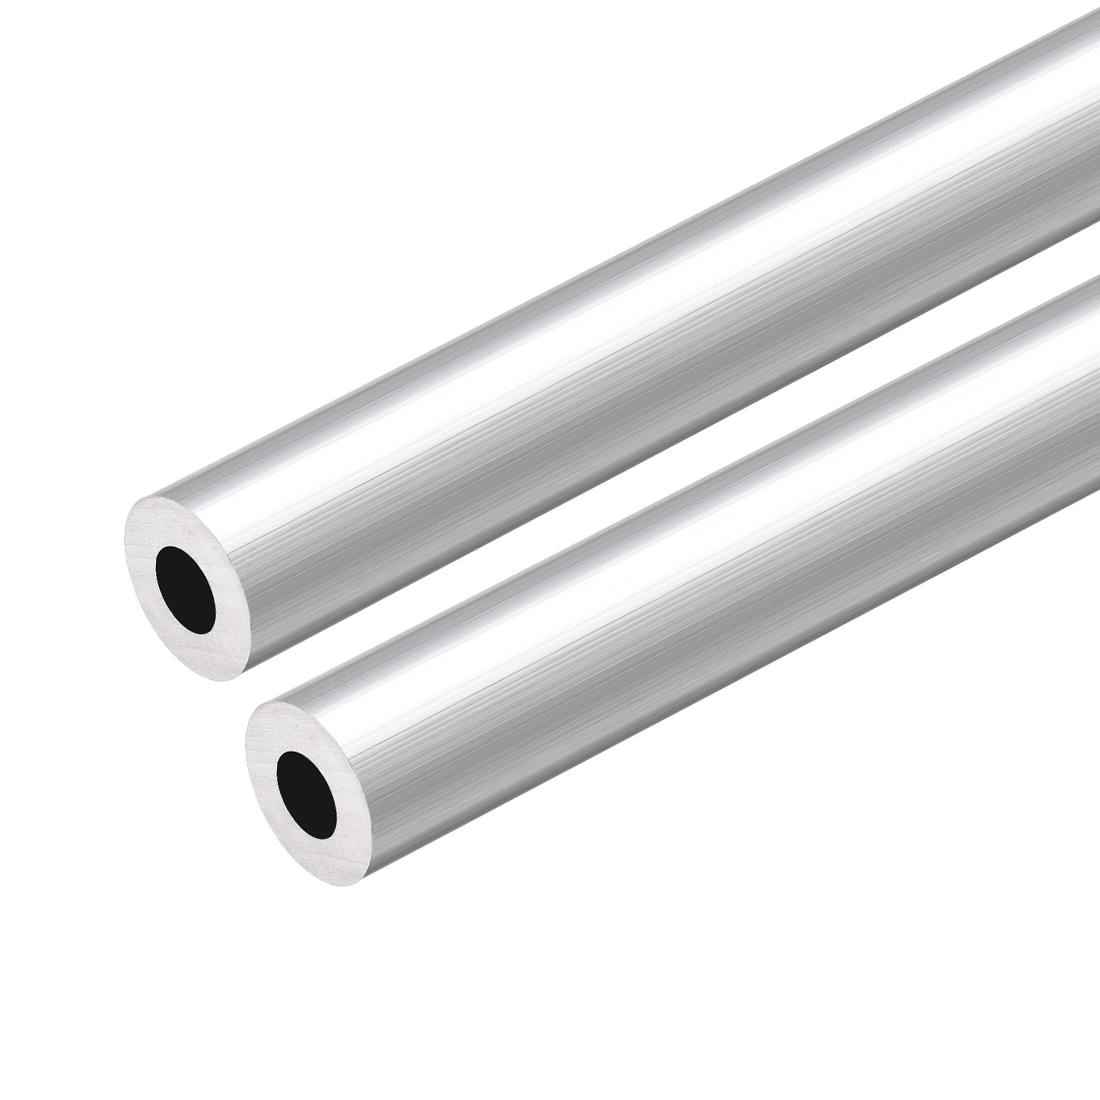 6063 Aluminum Tubing 300mm Length 12.7mm OD 8.8mm Inner Dia Seamless Tube 2pcs